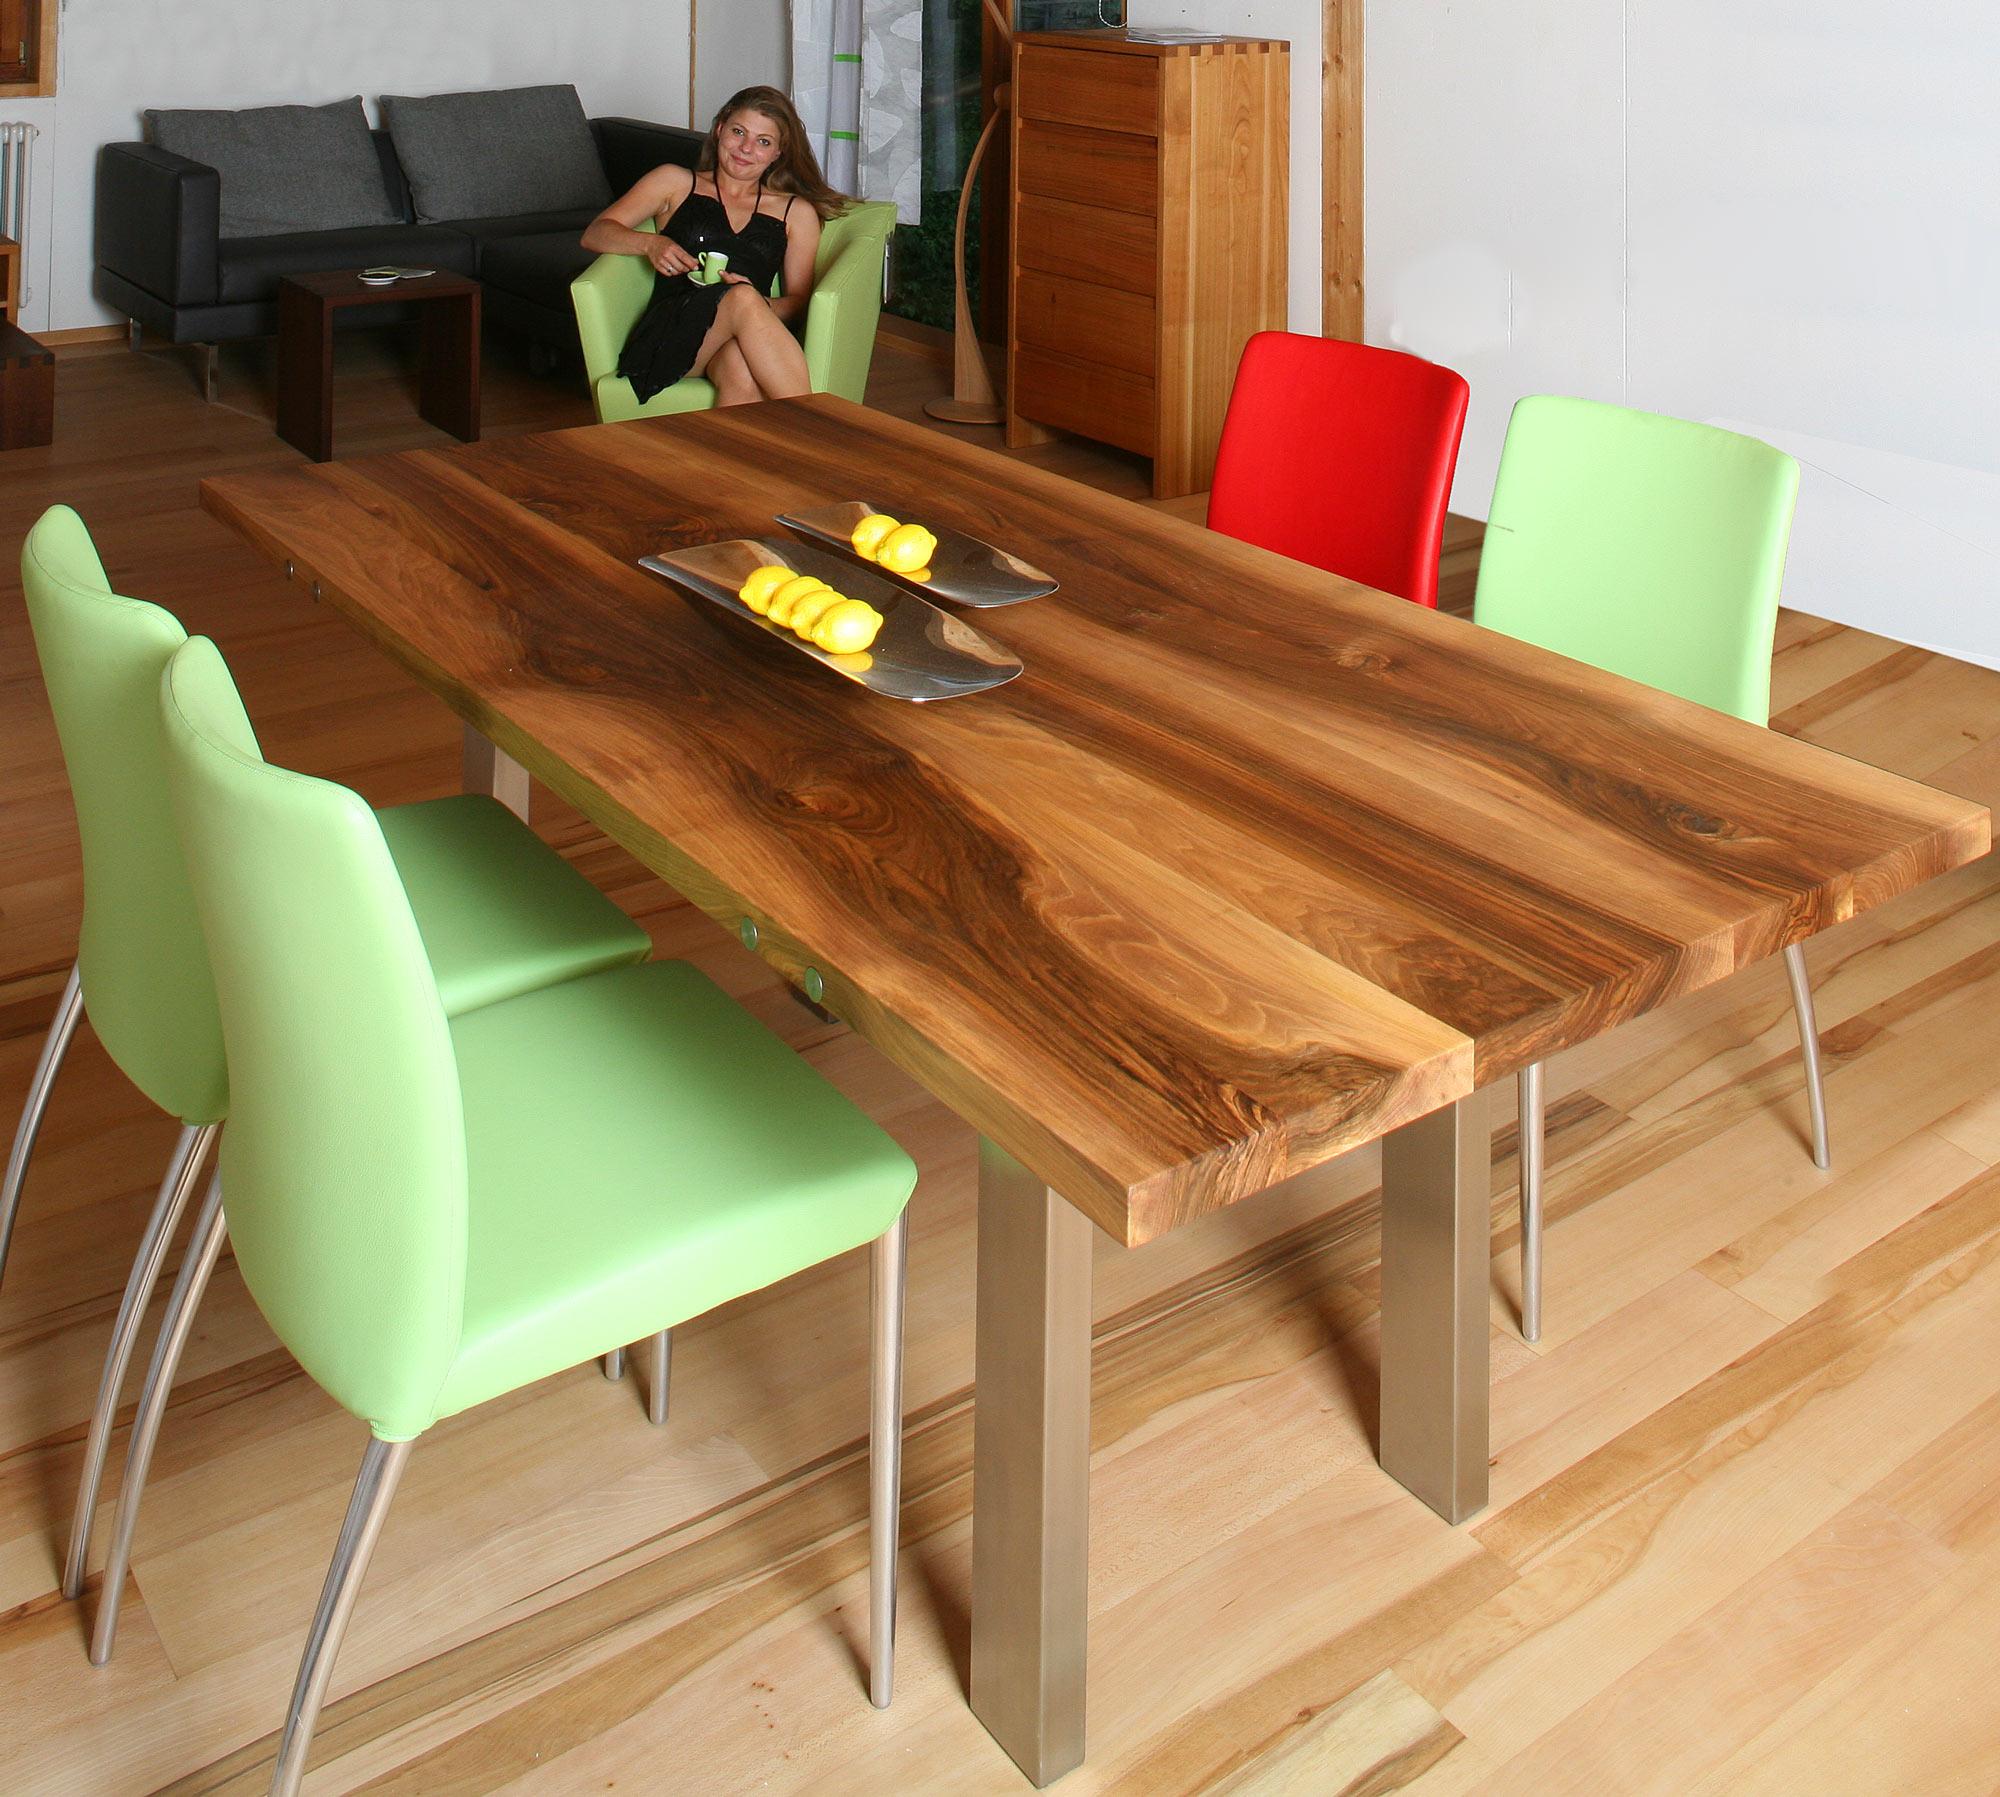 Schöne Holztische massivholztische und essplätze 2012 die möbelmacher